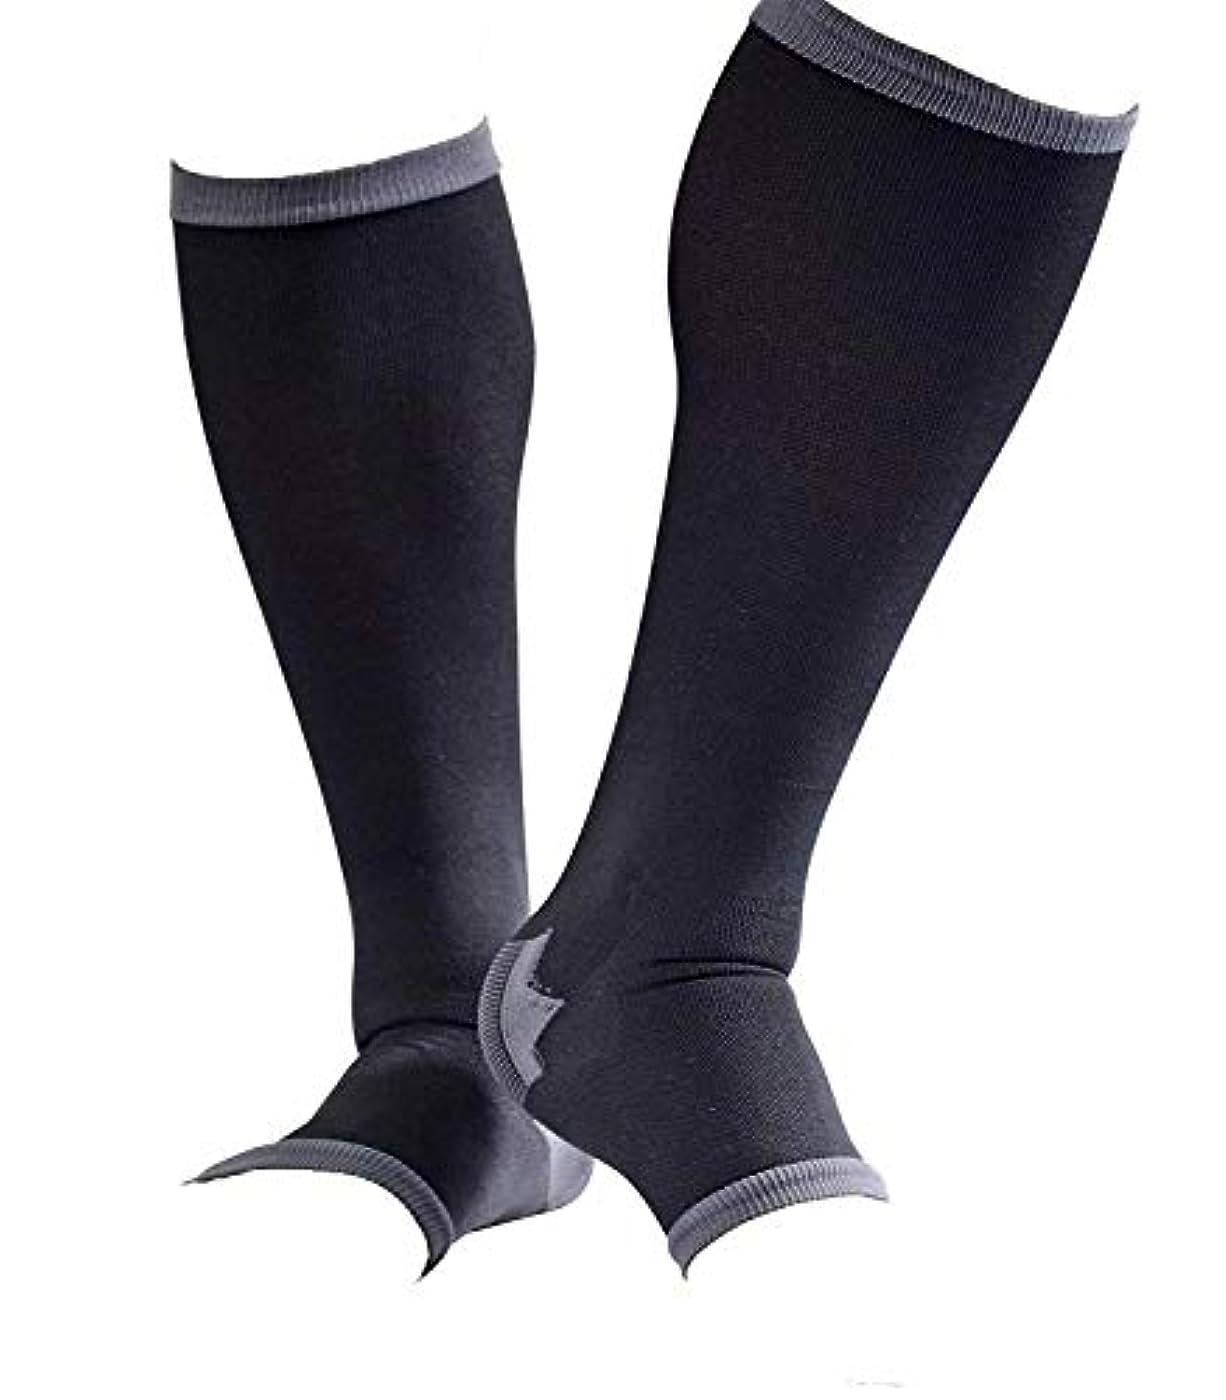 トロピカルバクテリア協同男性専用脚すっきり対策オープントゥ着圧ソックス 膝下 L-LL 順天堂大学客員教授推奨